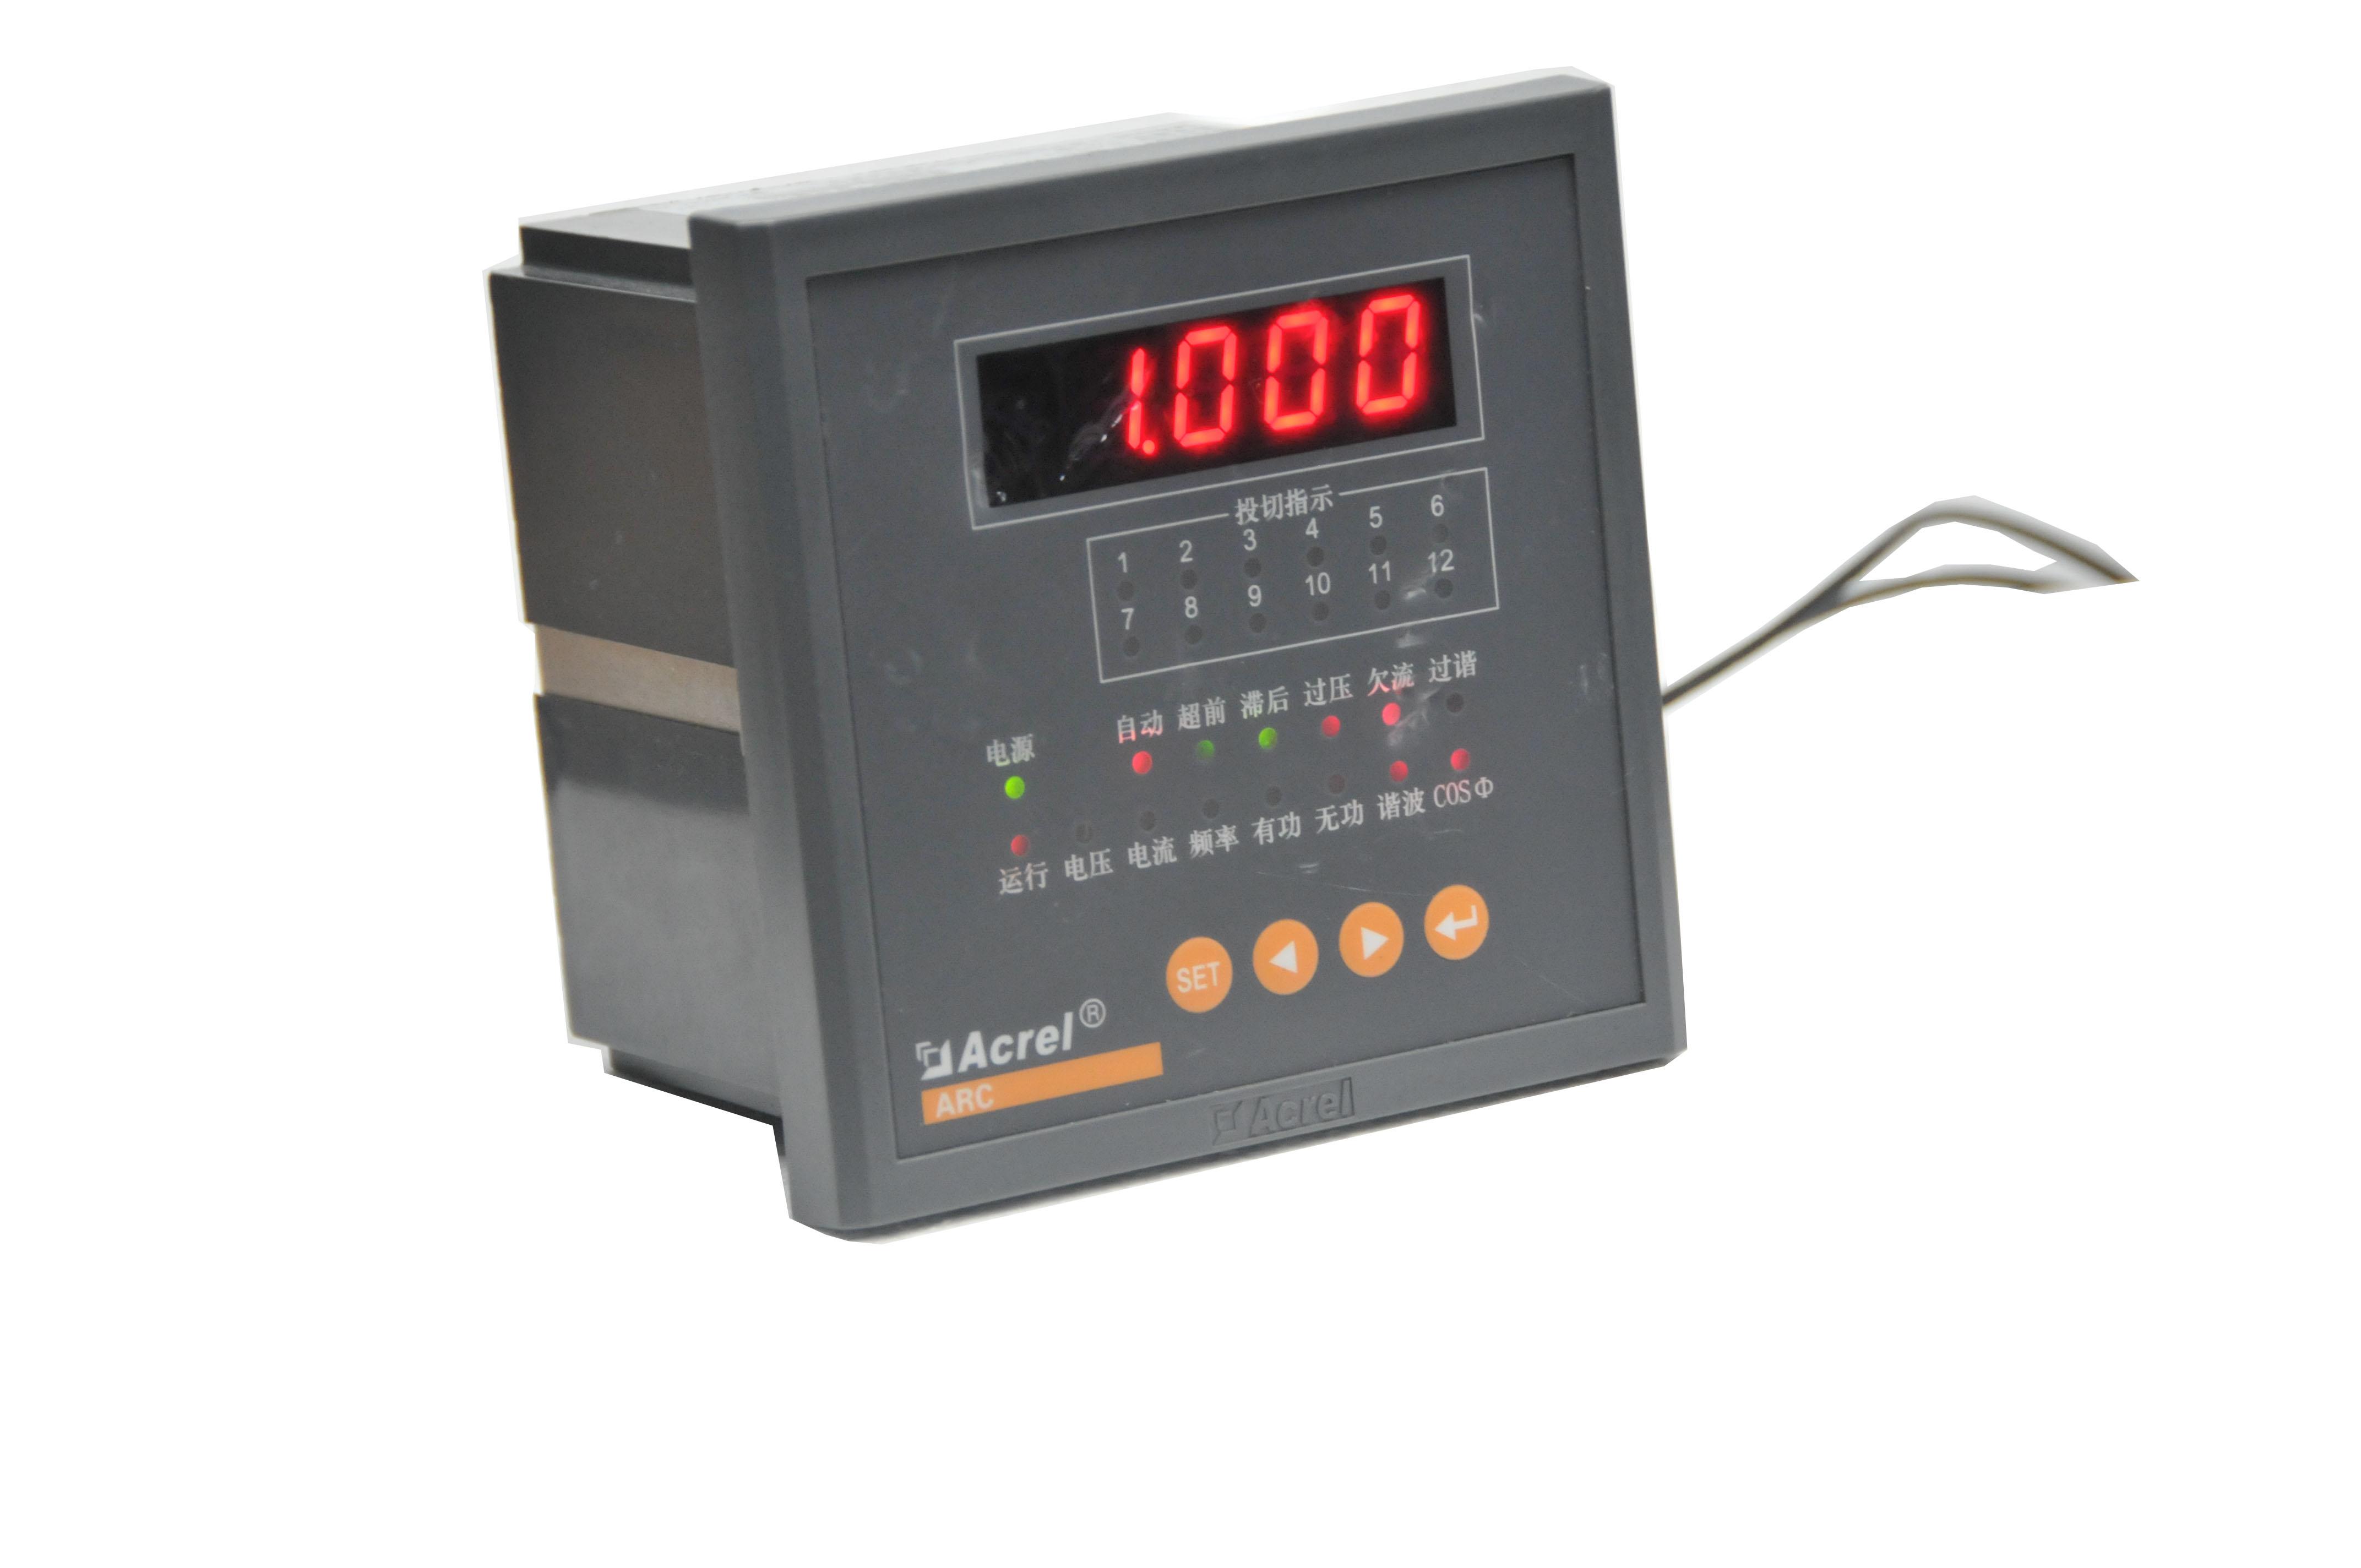 ARC功率因數自動補償控製器在低壓成套配電櫃中的應用